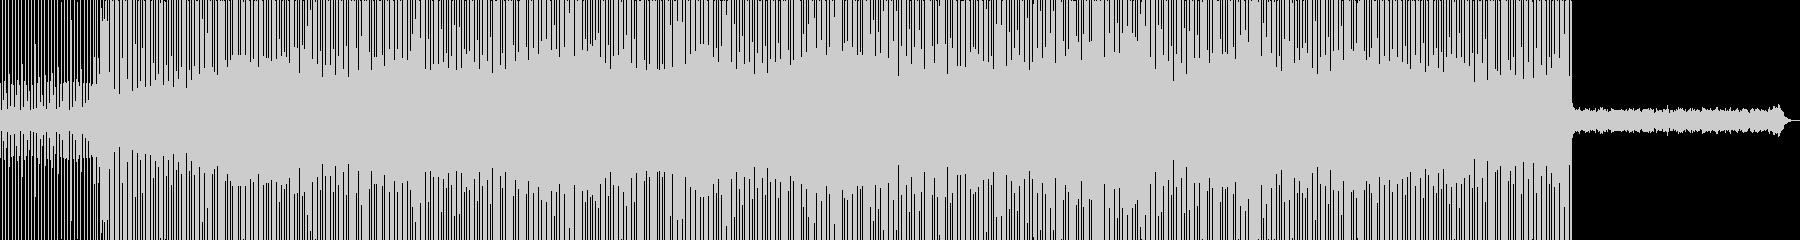 宇宙的なシンセ・ドラムポップハウス系の未再生の波形